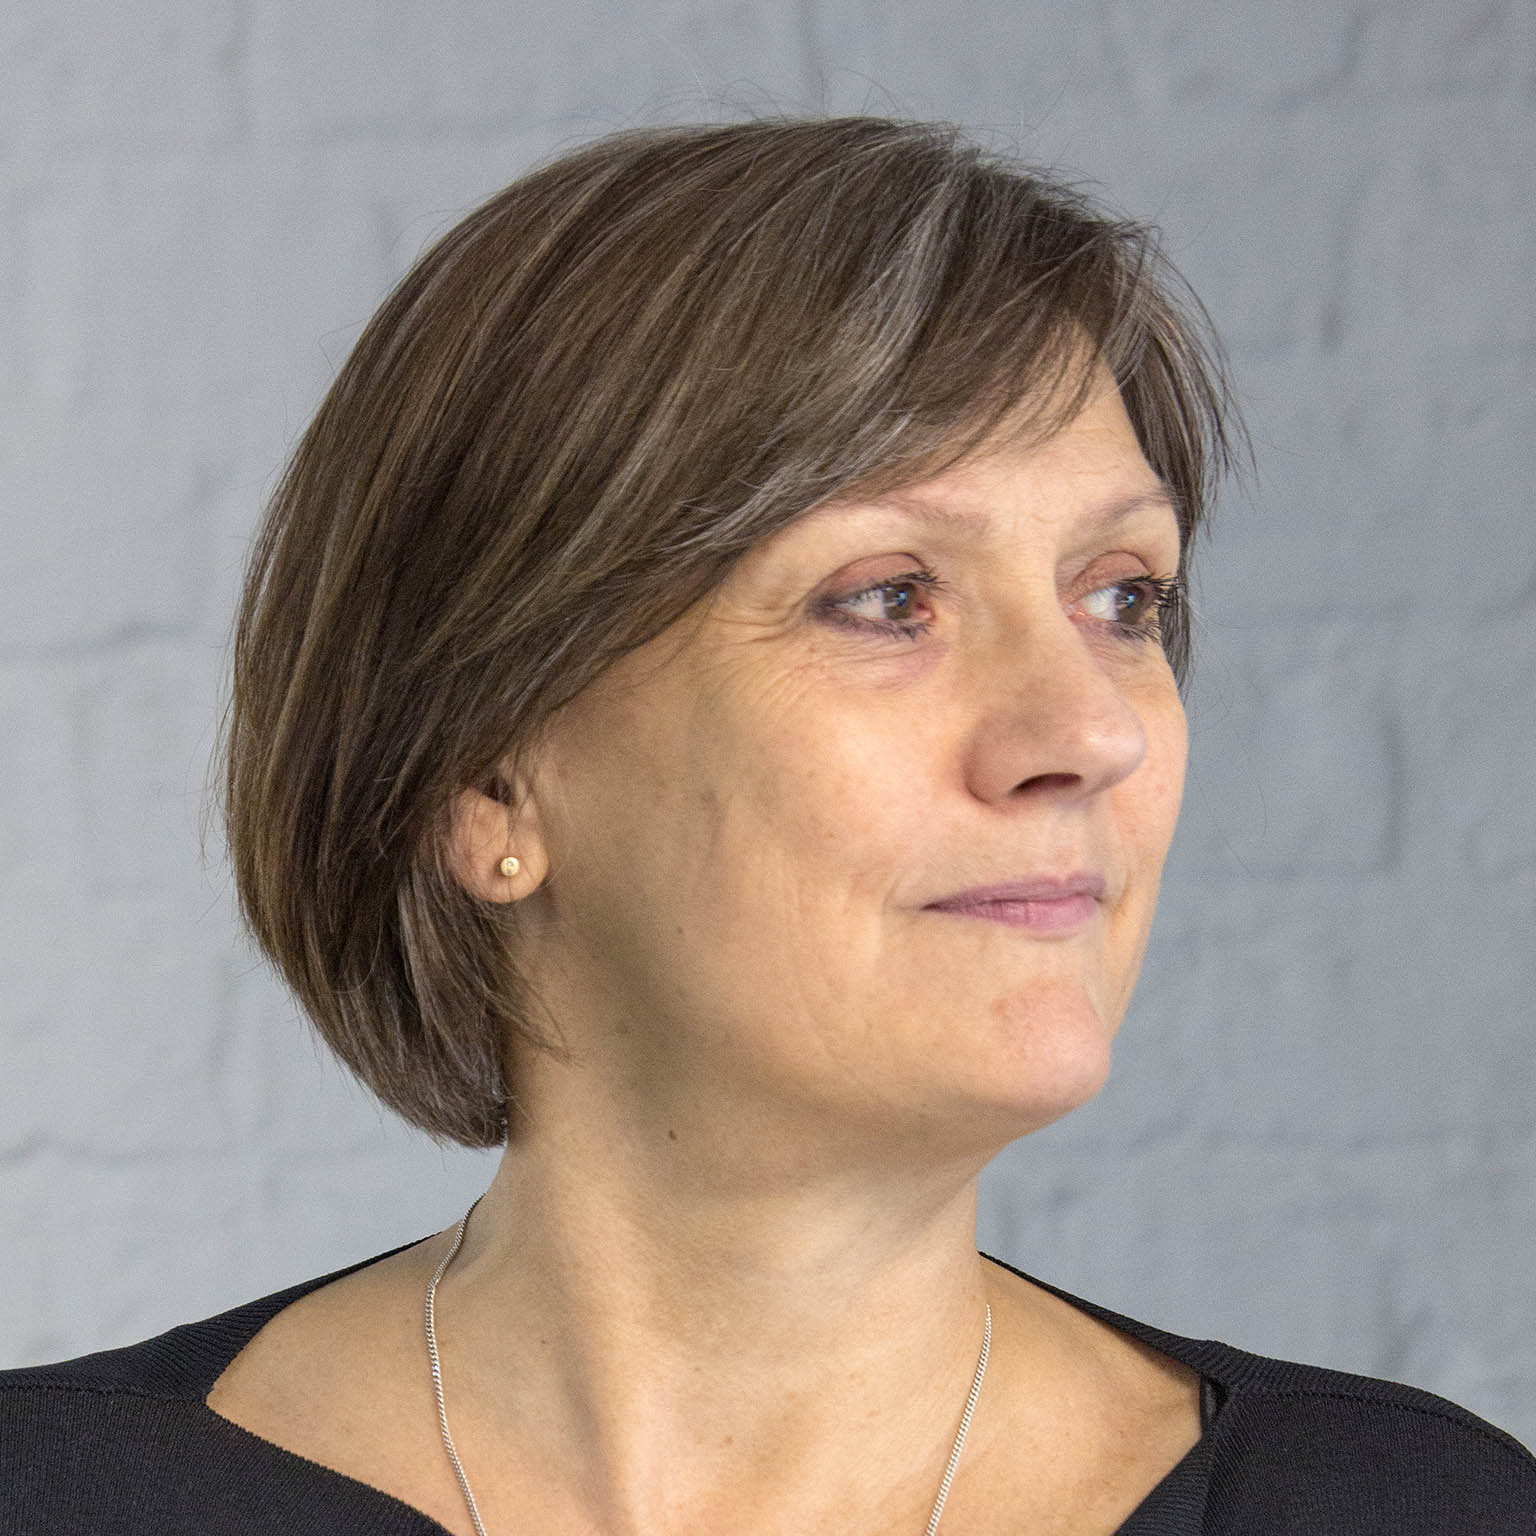 Teresa Borsuk